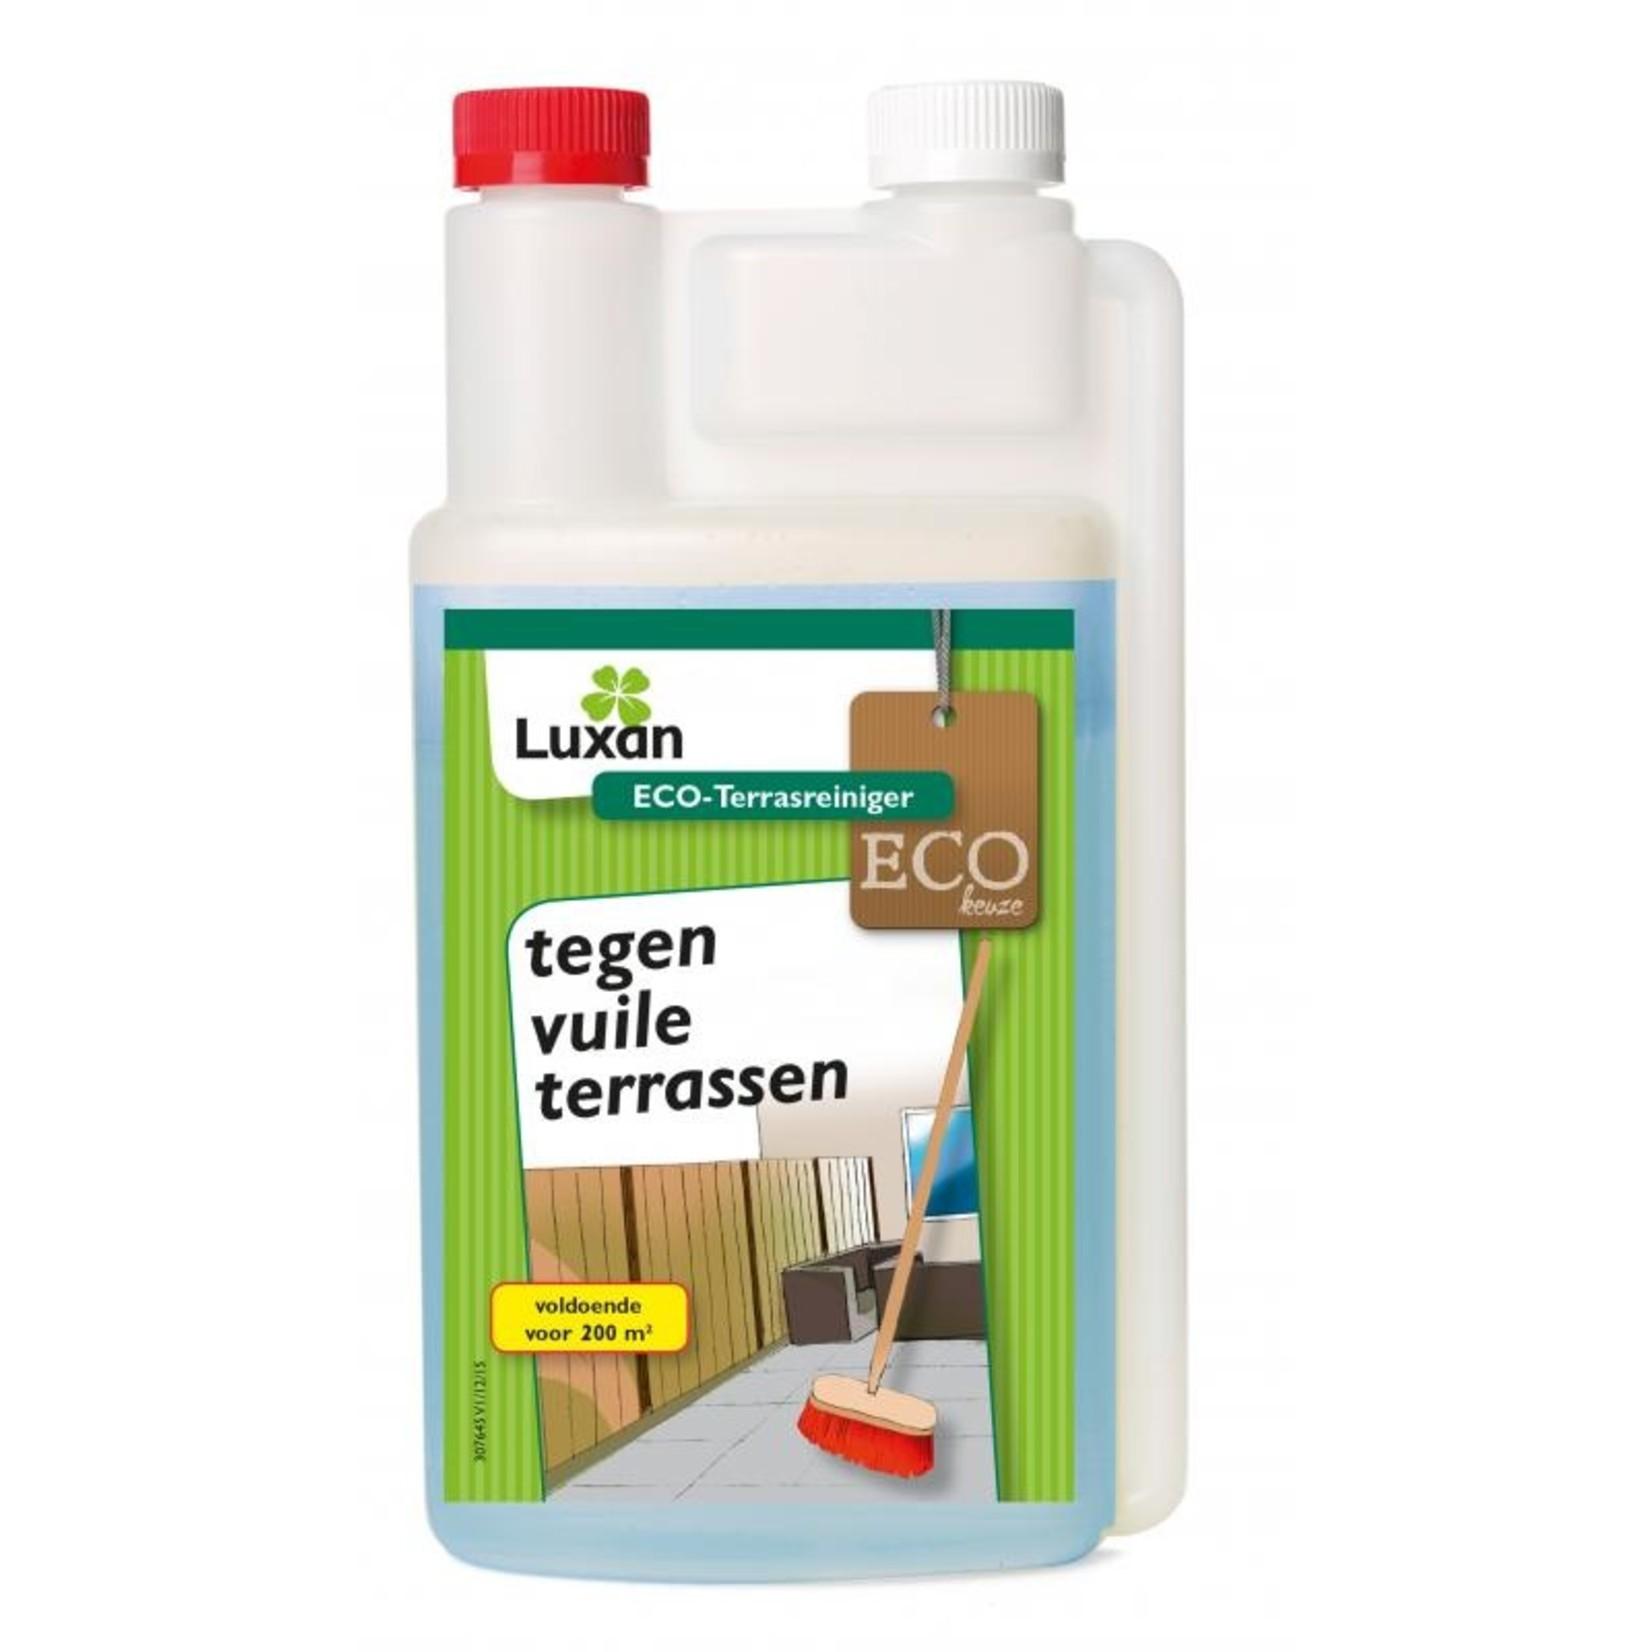 Luxan ECO-Terrasreiniger 1000 ml (concentraat)